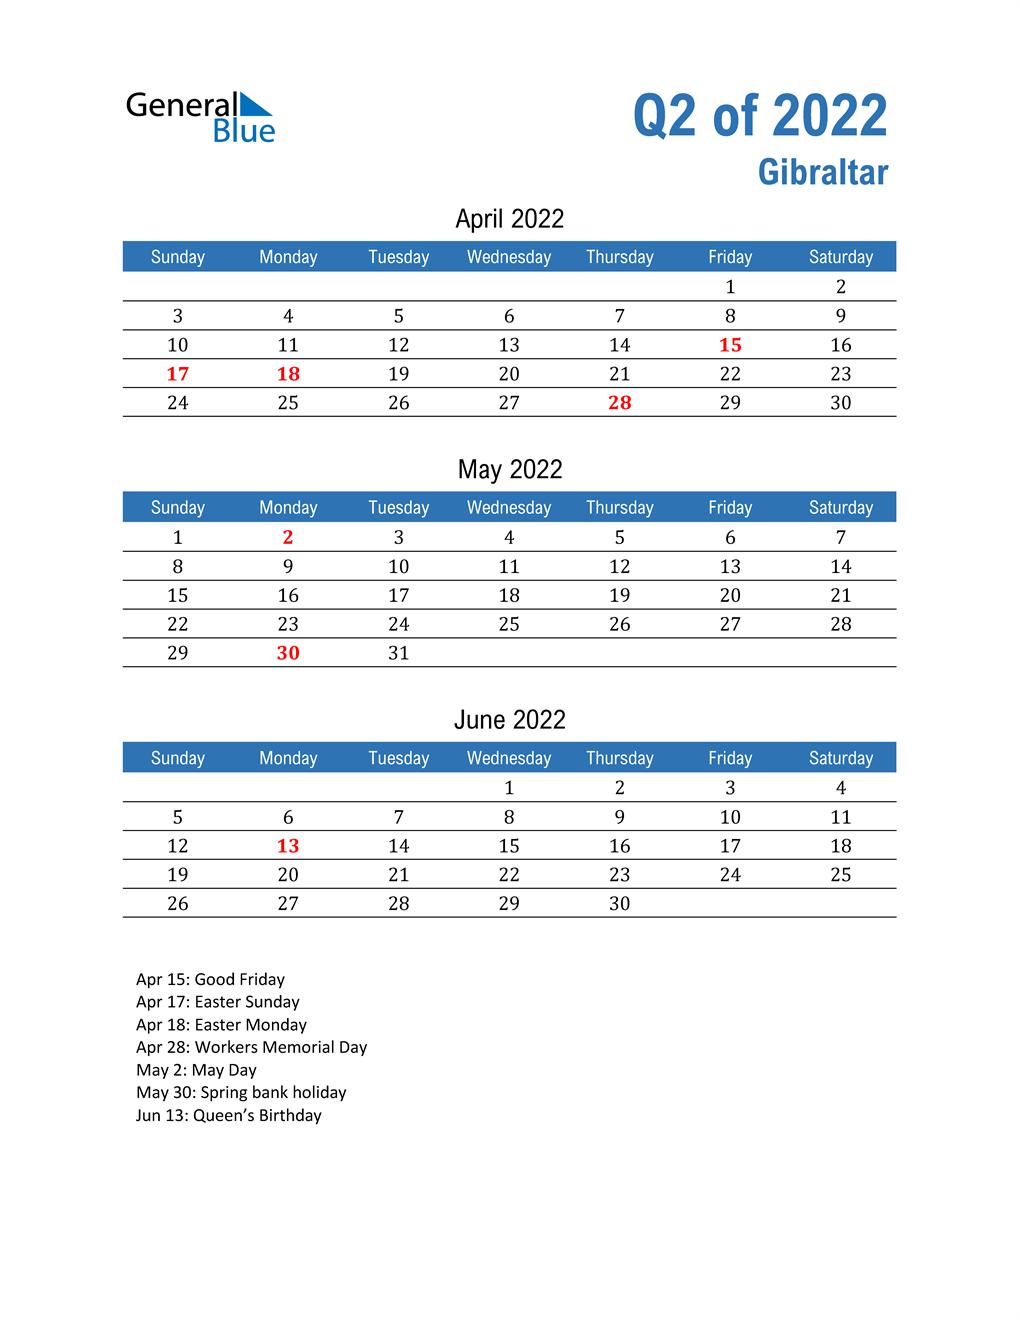 Gibraltar 2022 Quarterly Calendar